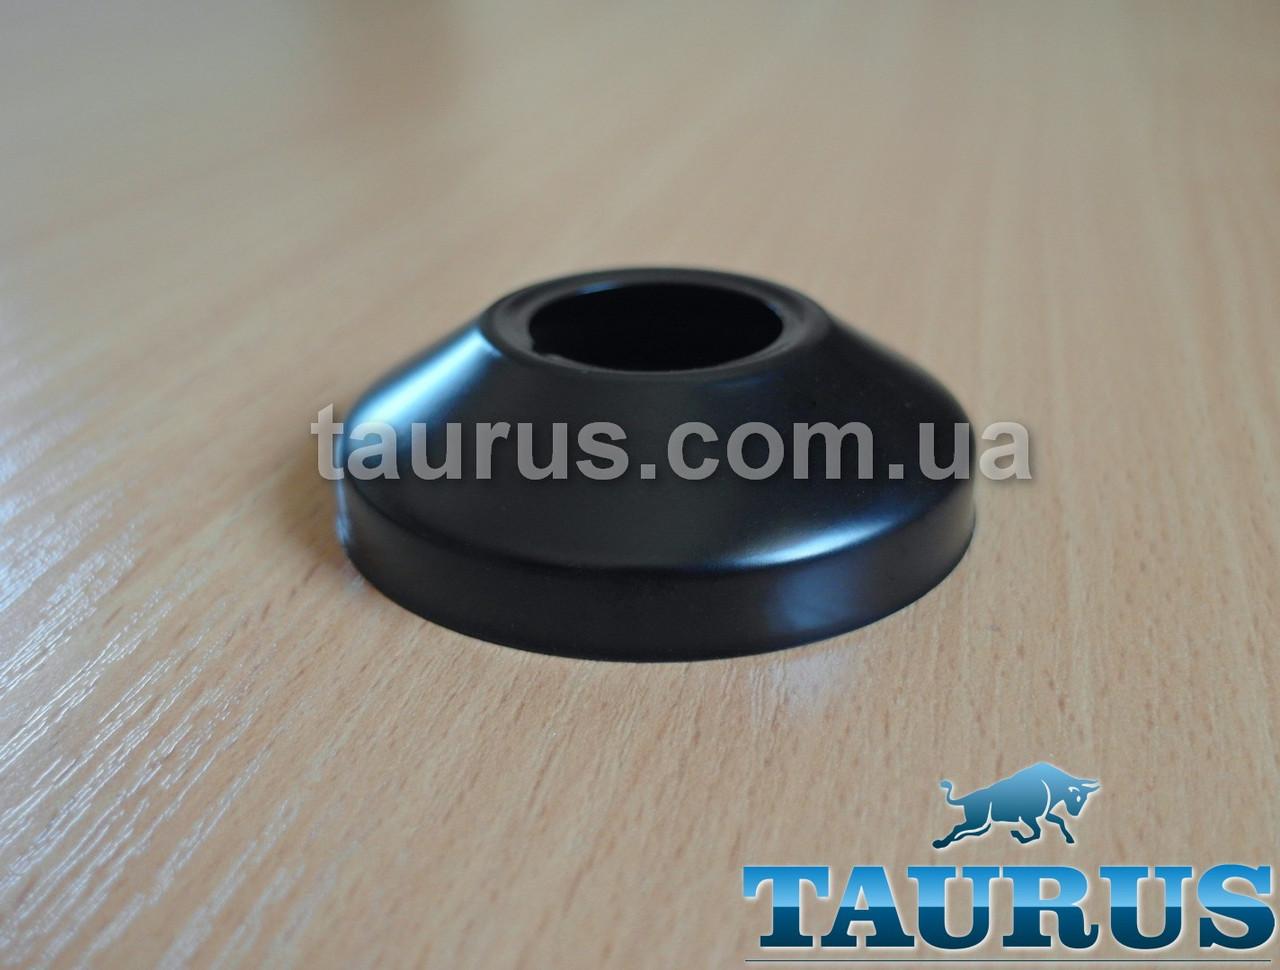 """Чорний об'ємний декоративний фланець Black розмір D64 мм х висота 18 мм під внутрішній розмір 3/4"""" (25мм)"""